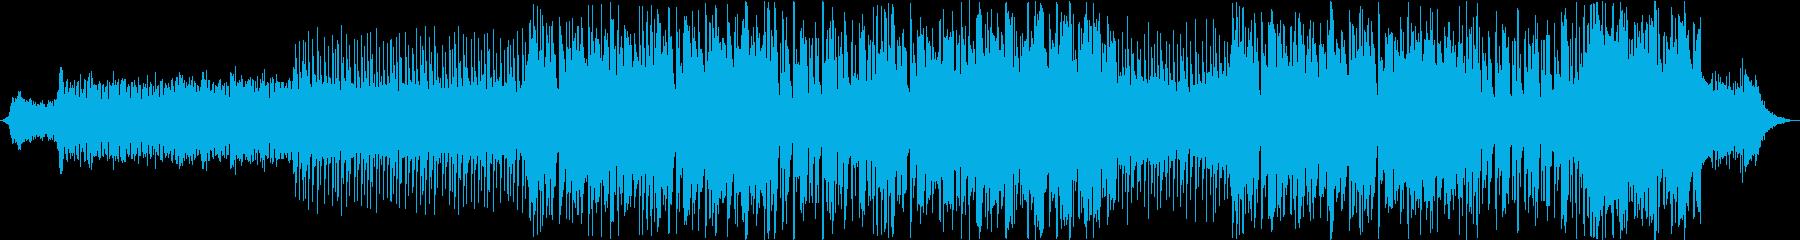 環境音を取り入れたスペイシーなエレクトロの再生済みの波形